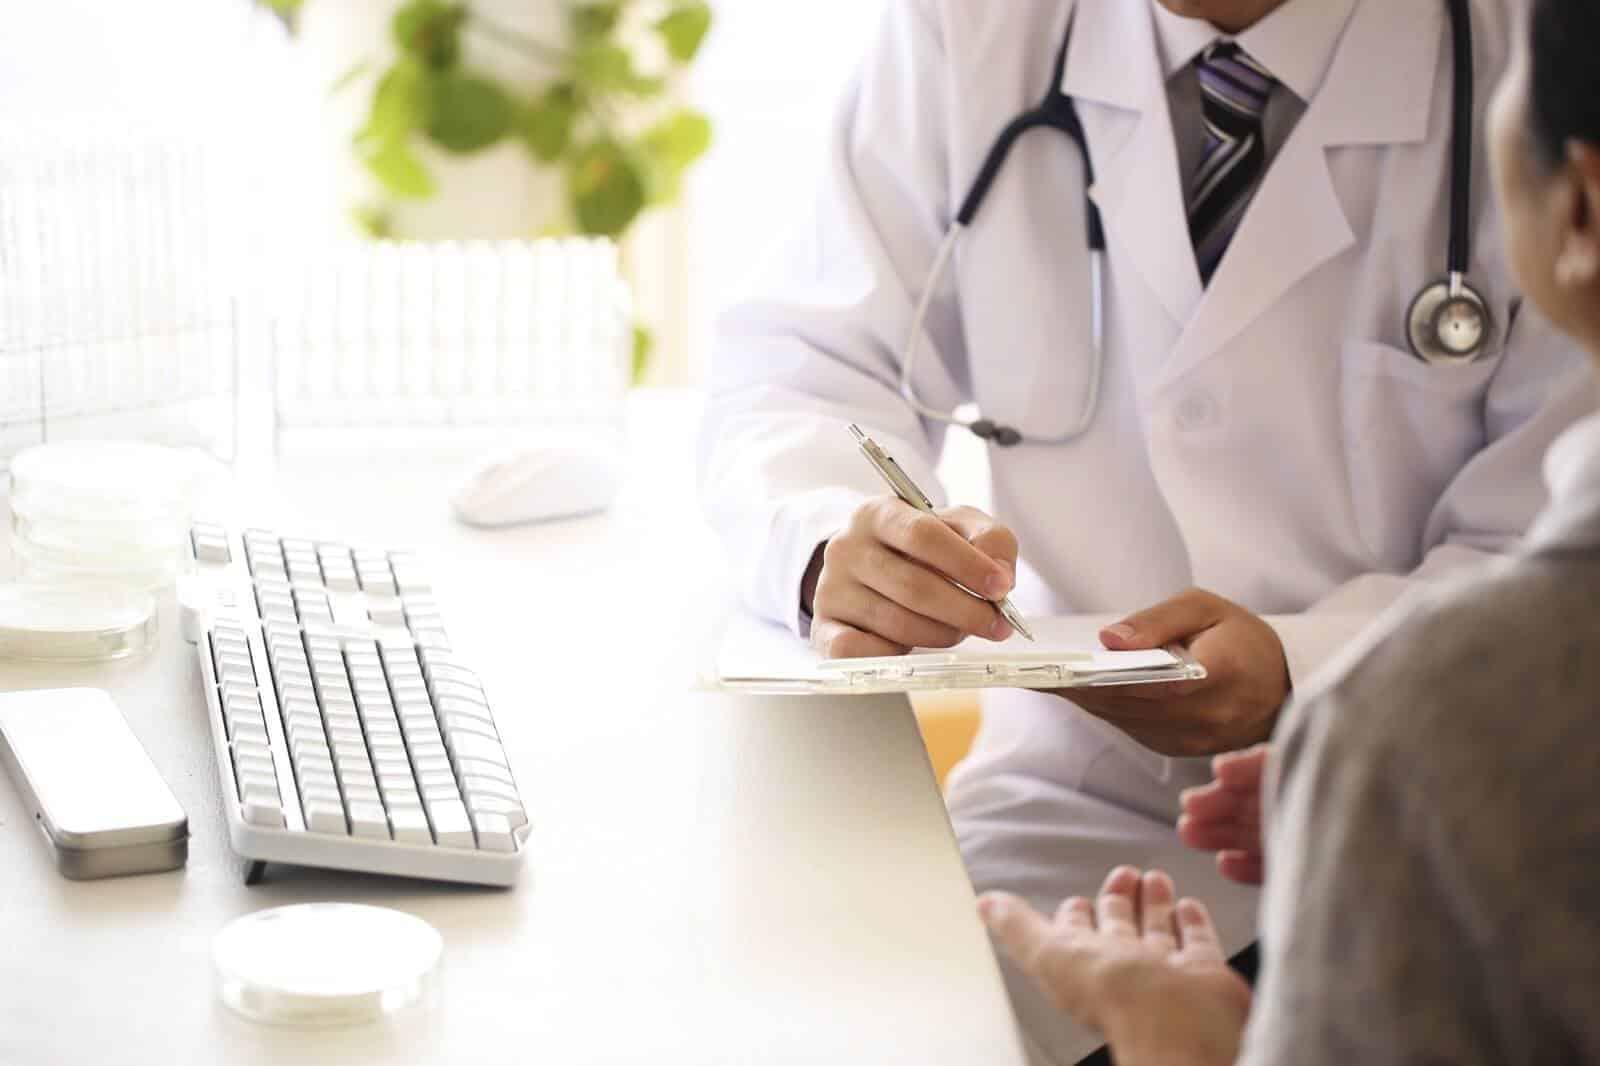 כמה עולה בדיקה להתאמת הטיפול בסרטן?